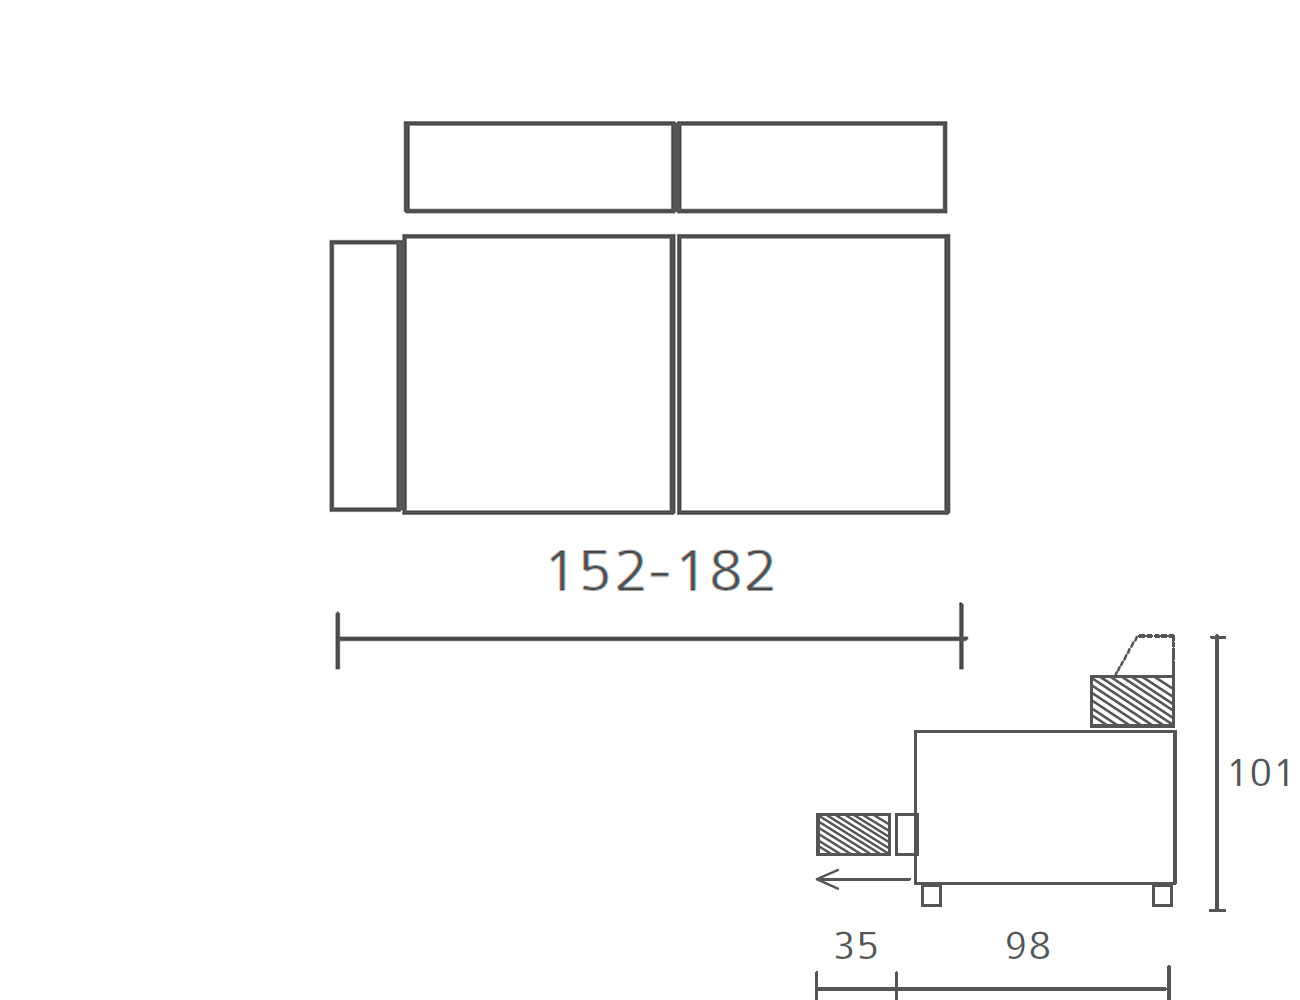 Modulo con 1 brazo 152 1824